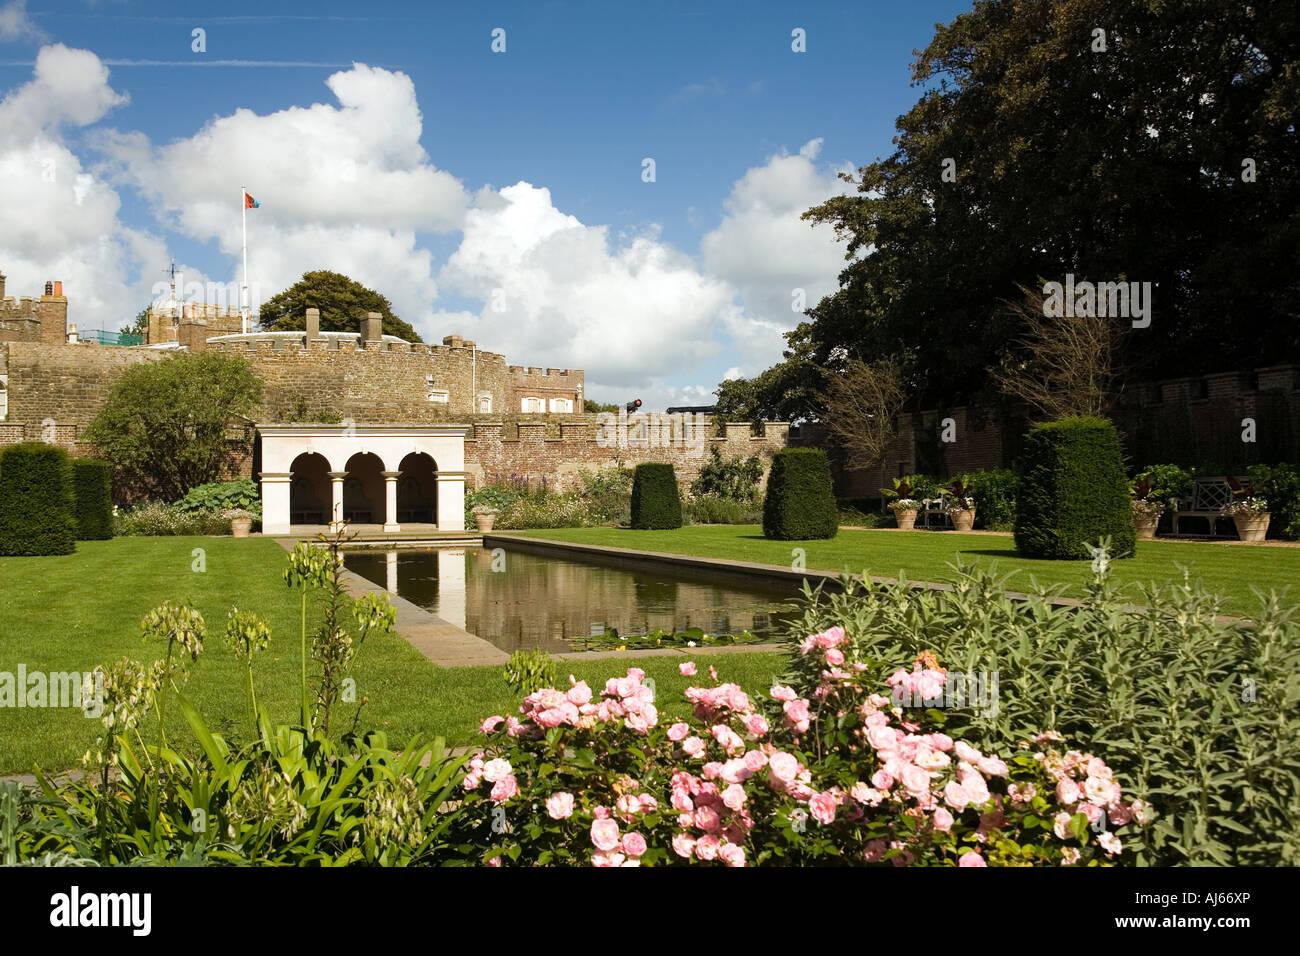 UK Kent Deal Walmer Castle Queen mothers rose garden - Stock Image